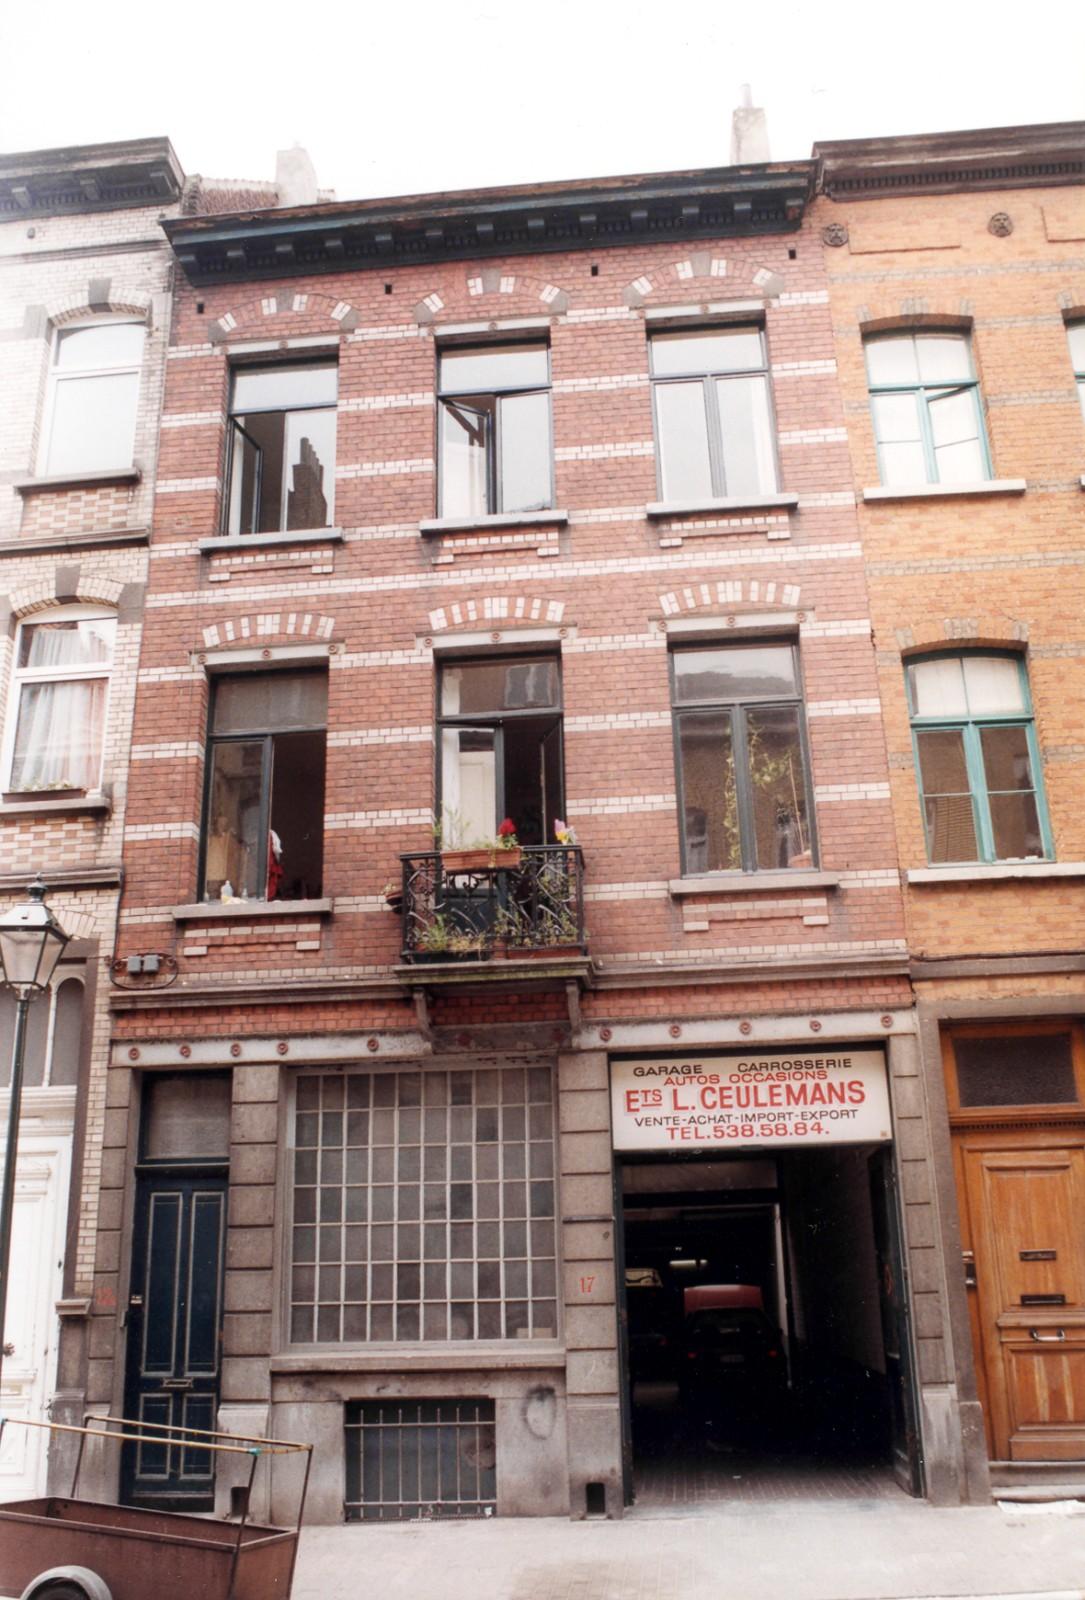 Saint gilles rue de parme 17 17a for Rue de parme